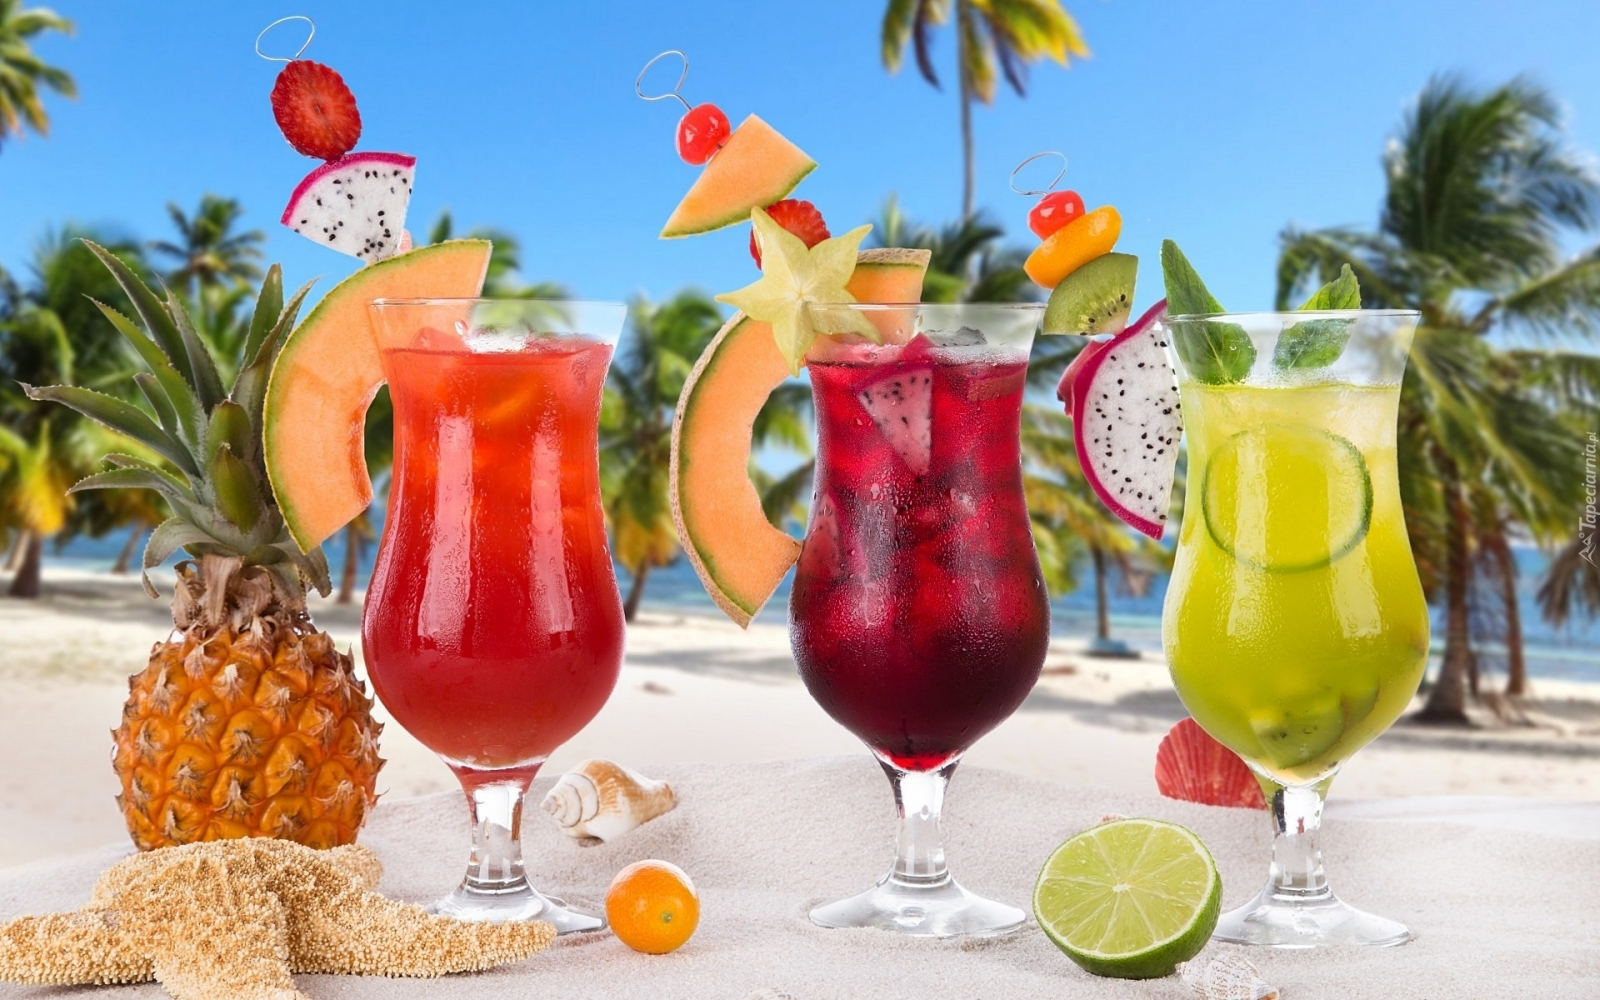 10 نوشیدنی خنک و تگری مخصوص فصل تابستان